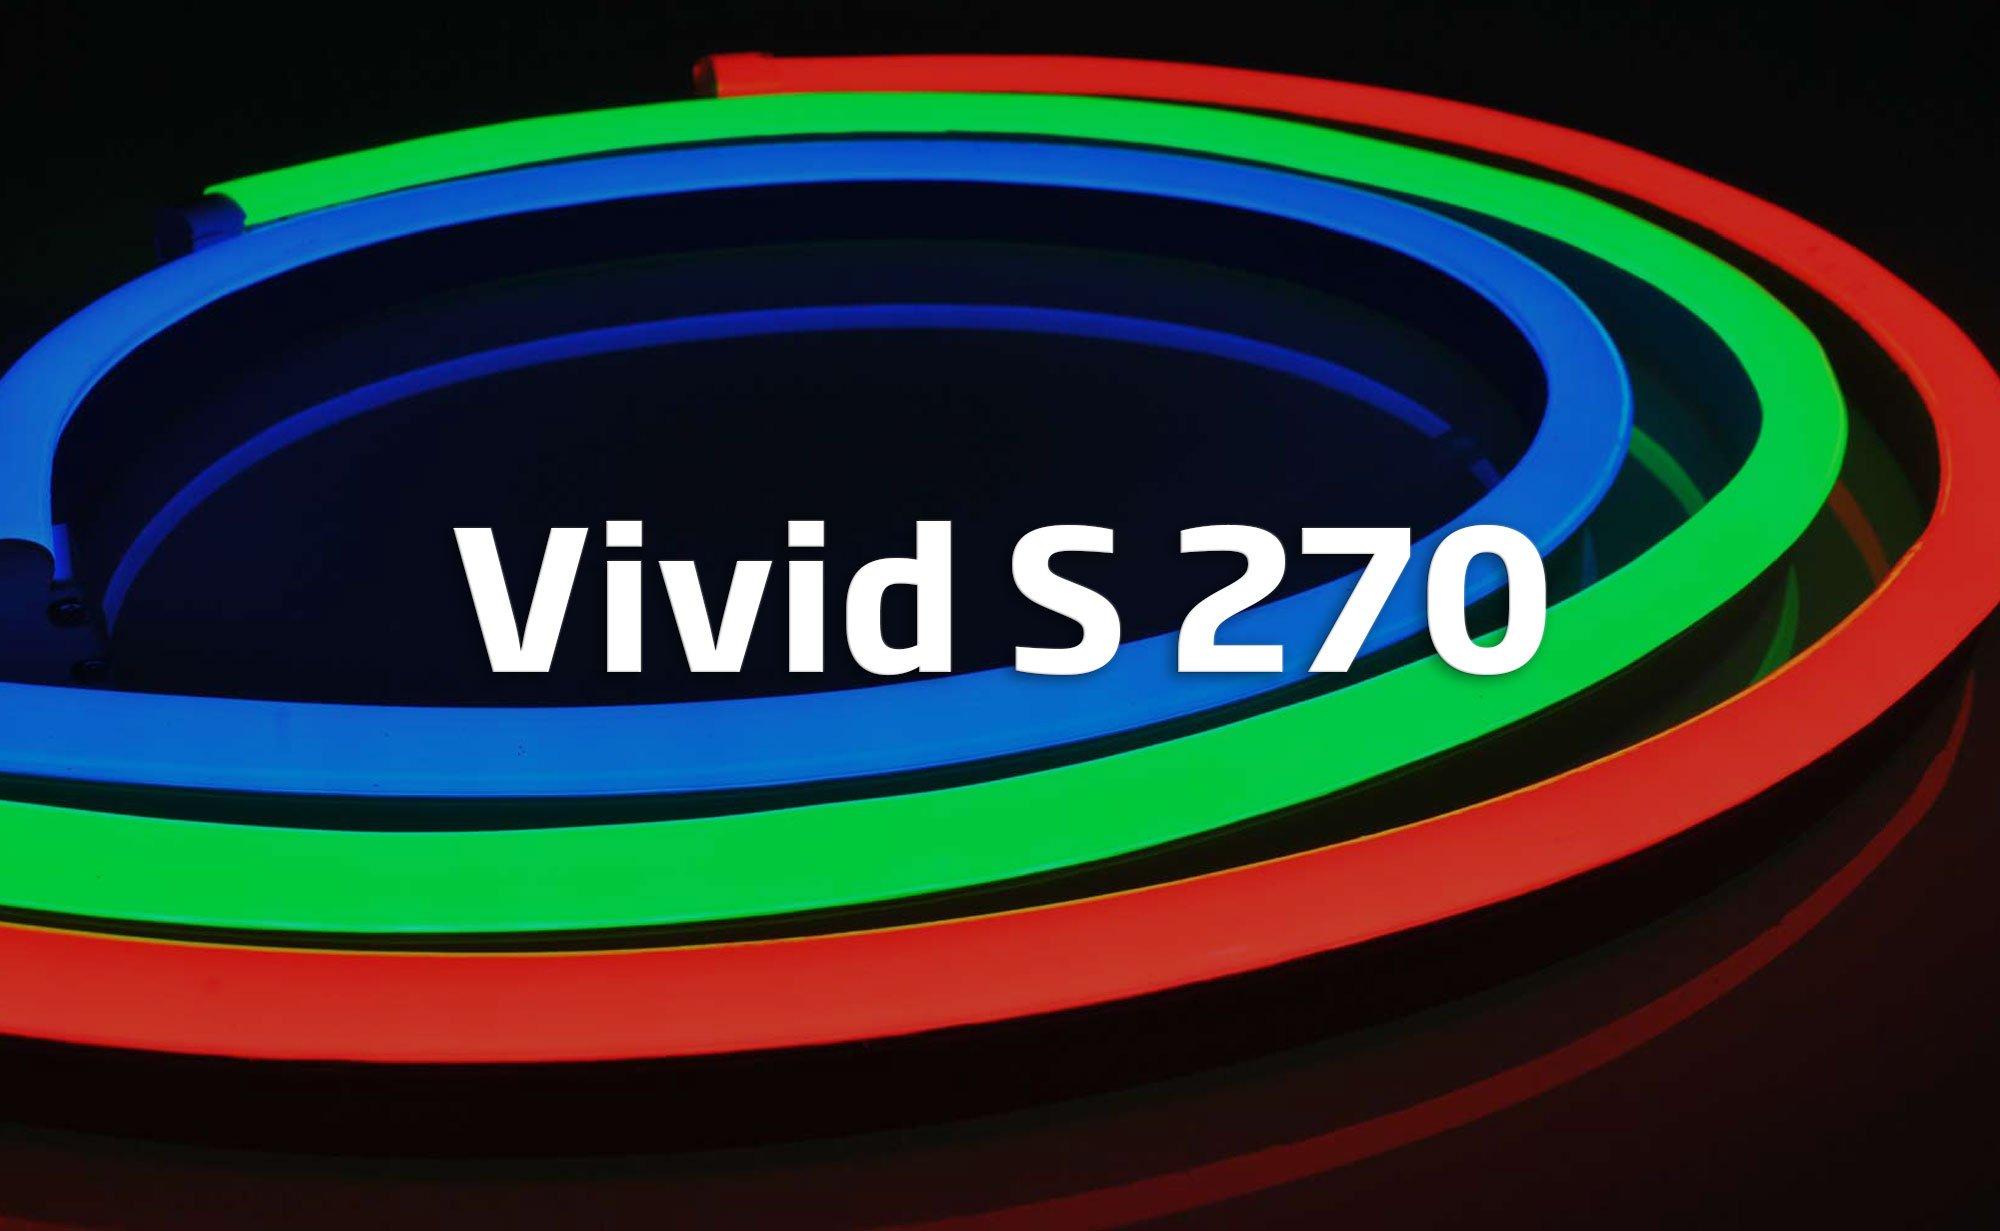 Vivid-S-270-Name